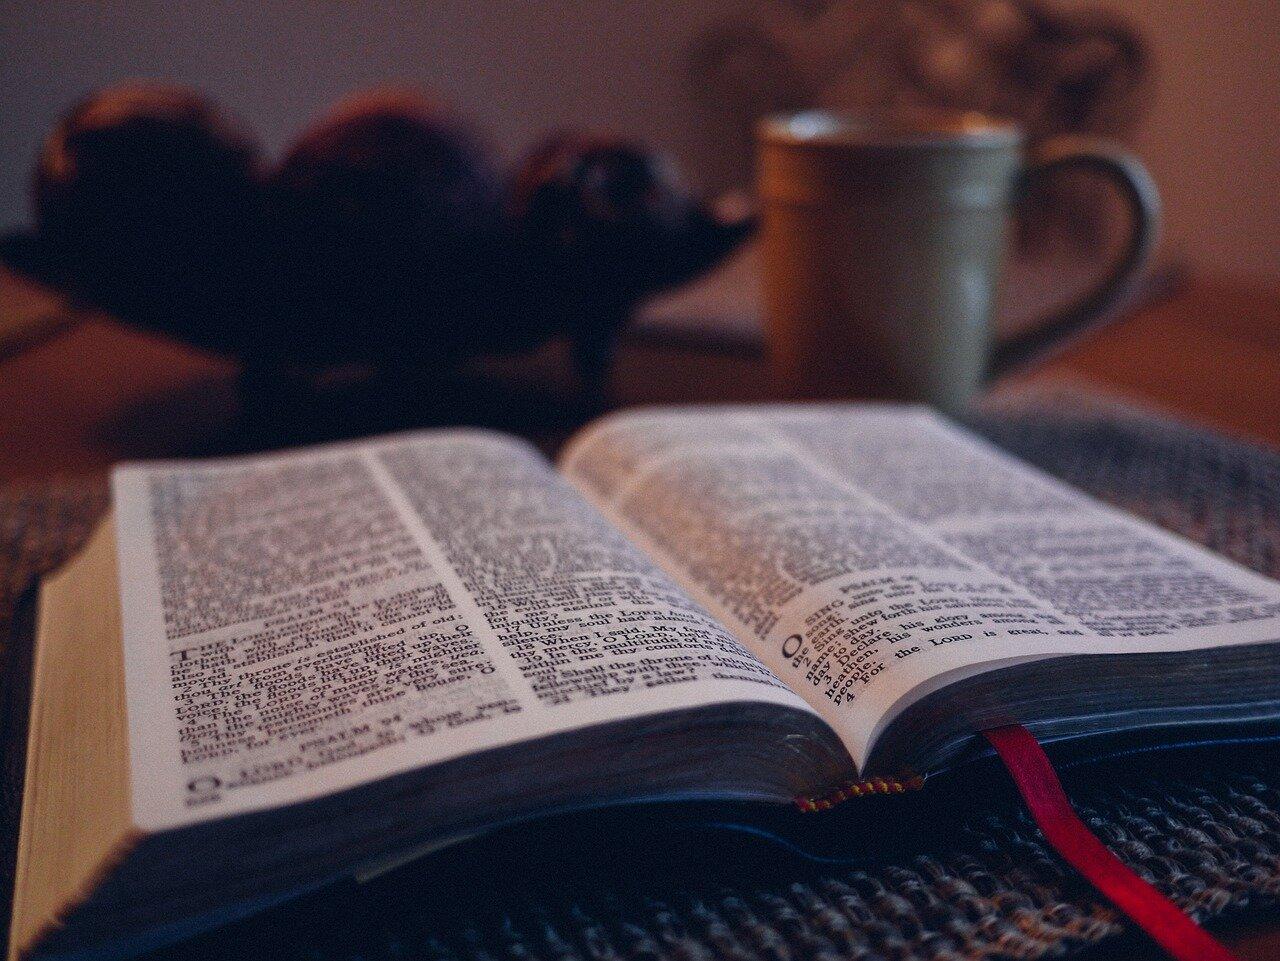 Psalm 117 wychwala Pana. O wychwalajcie Go wszystkie narody chwyty